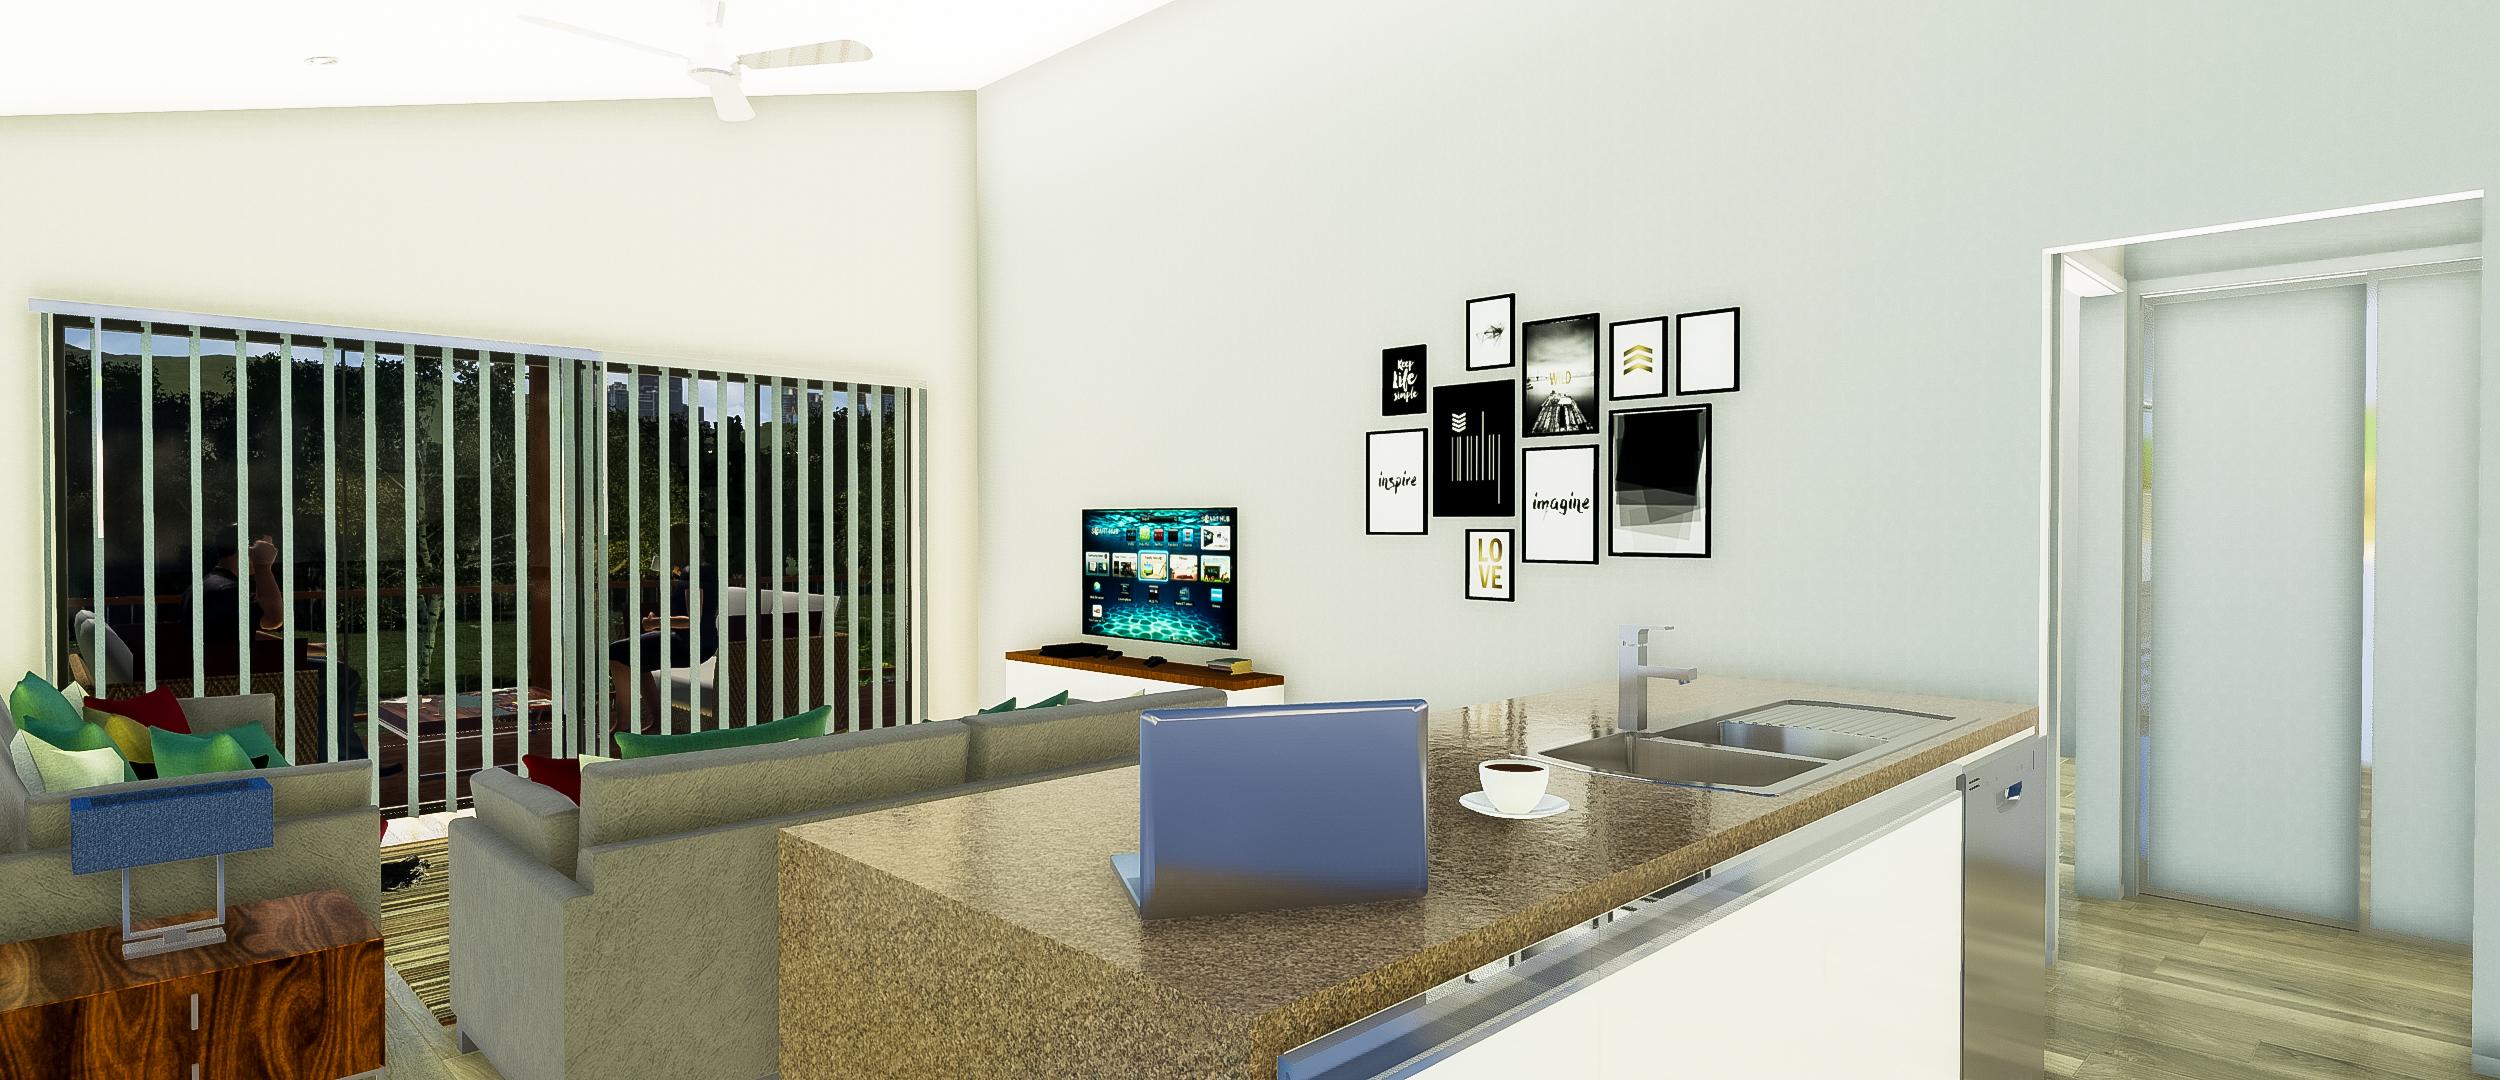 GF 3 interior